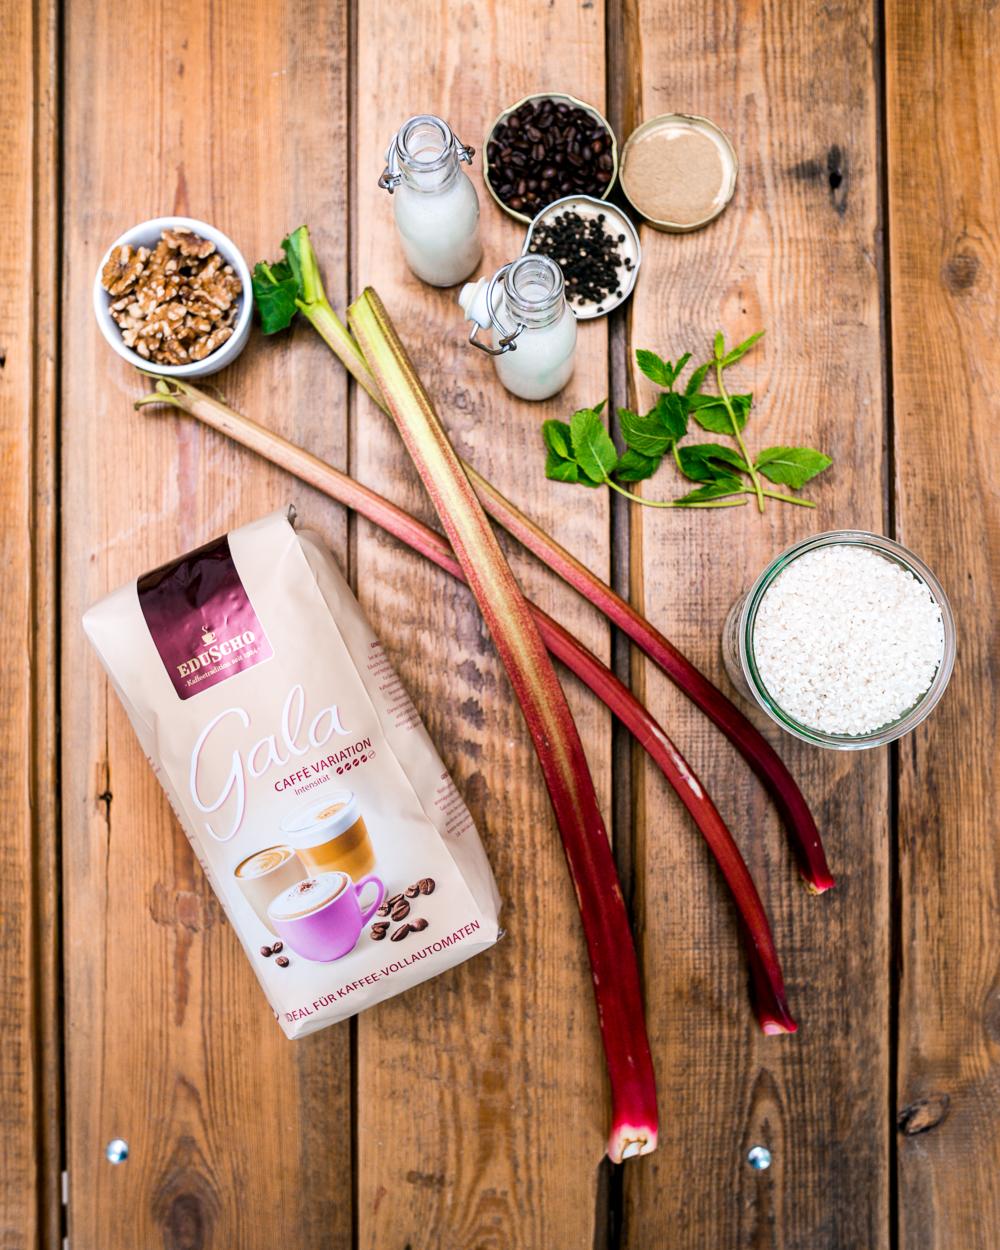 Booster für unterwegs Kaffee Milchreis Rezept Gala von Eduscho